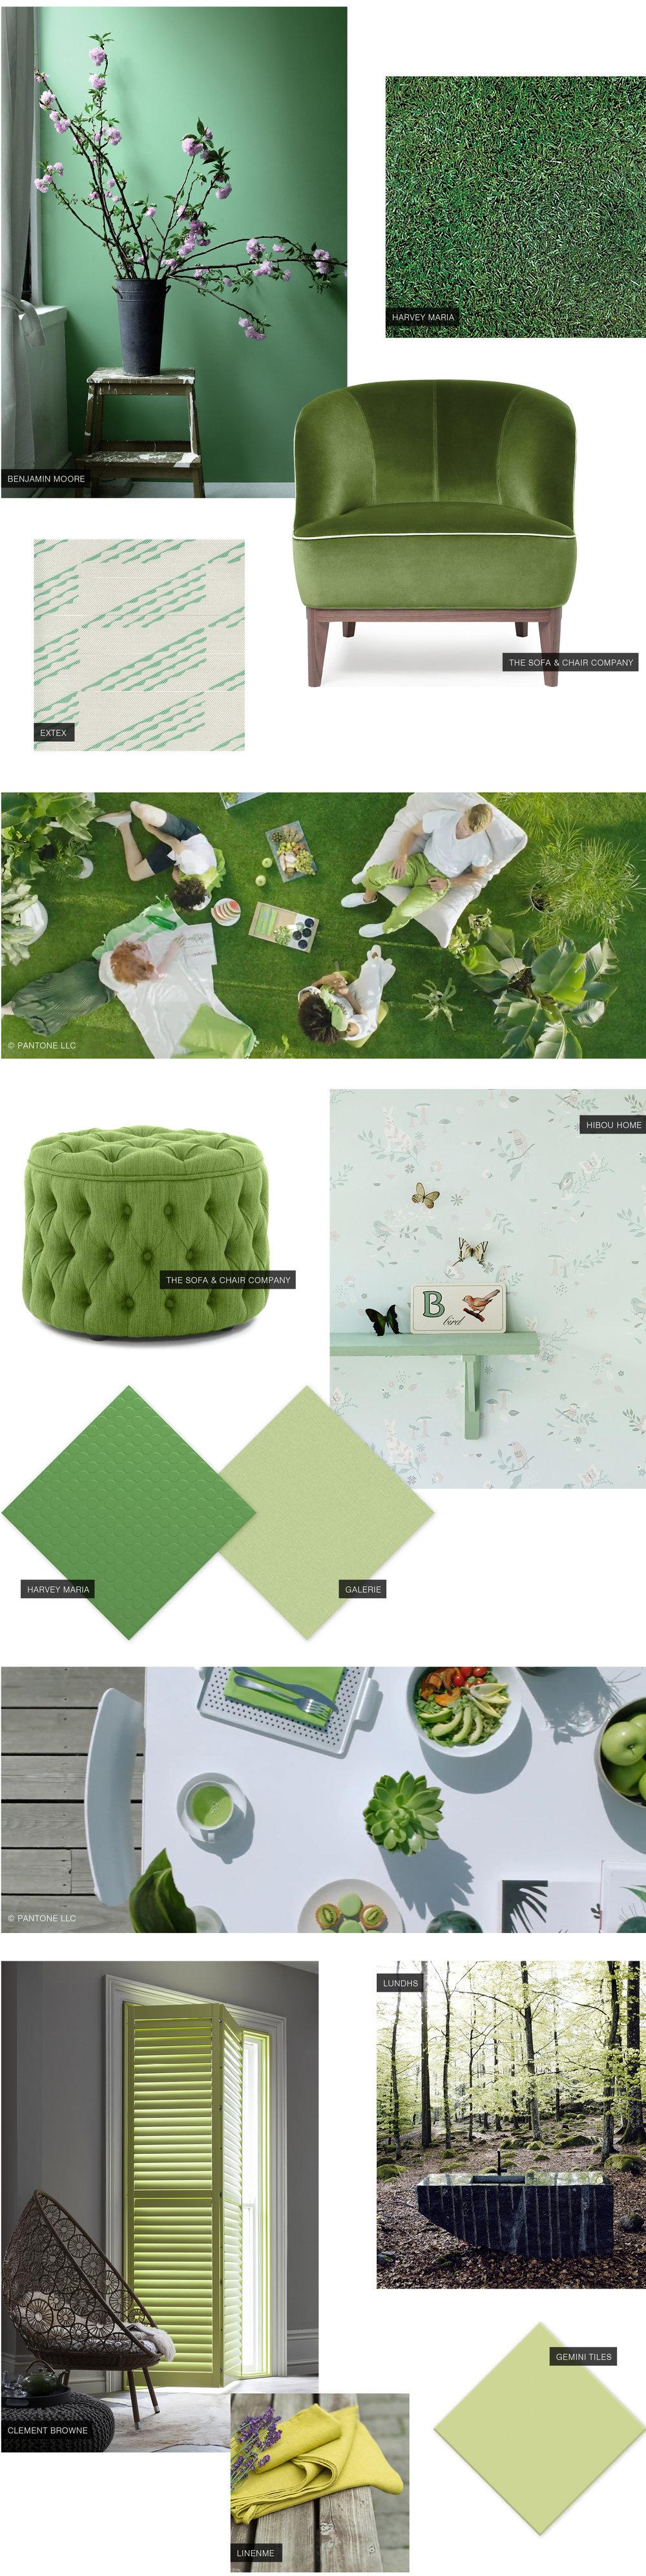 Pantone-Greenery-liv.jpg